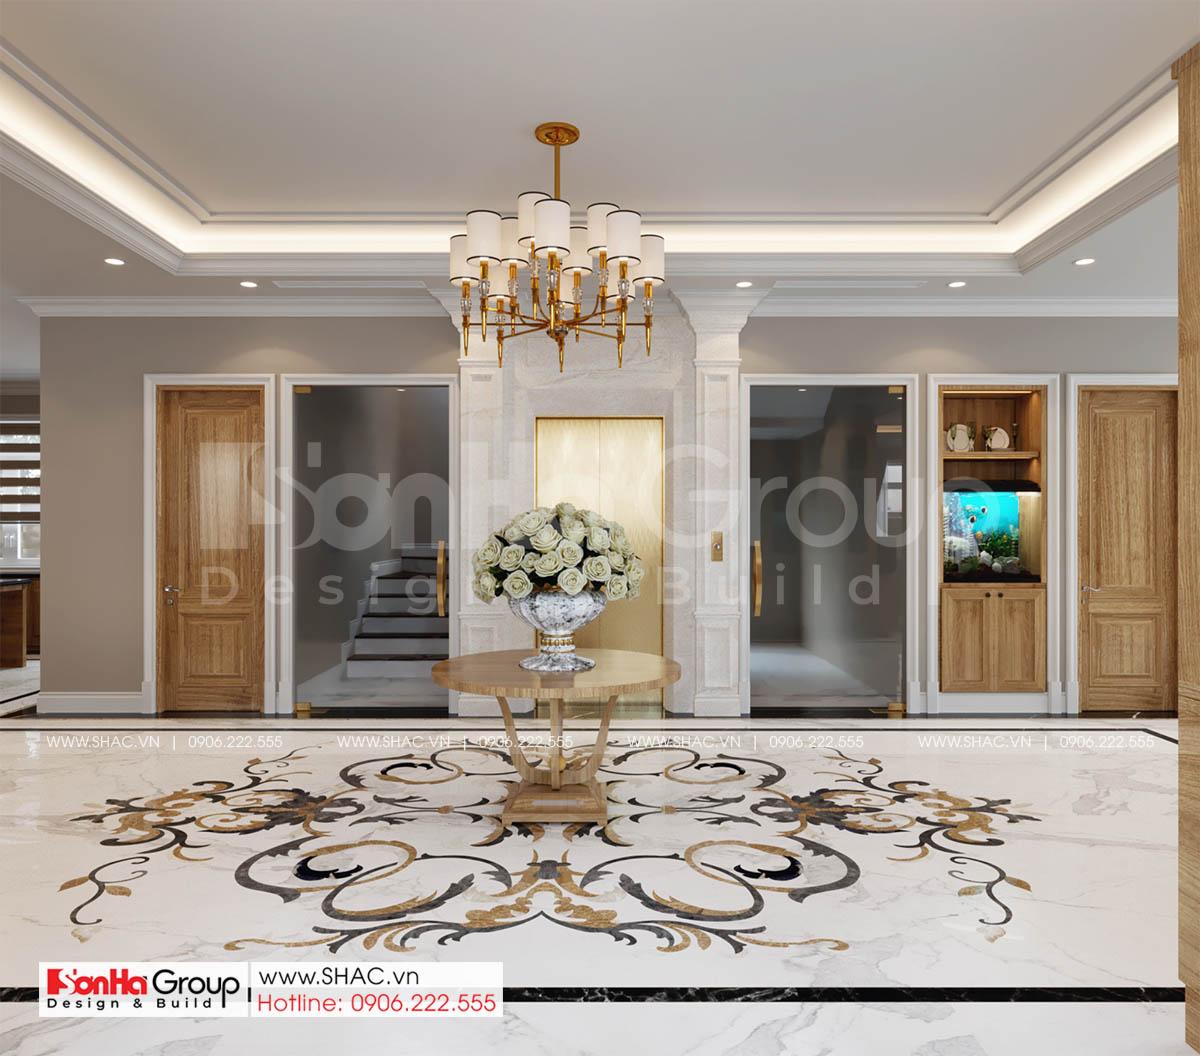 Hành lang tầng 1 thiết kế biệt thự tân cổ điển 4 tầng đẹp sang trọng